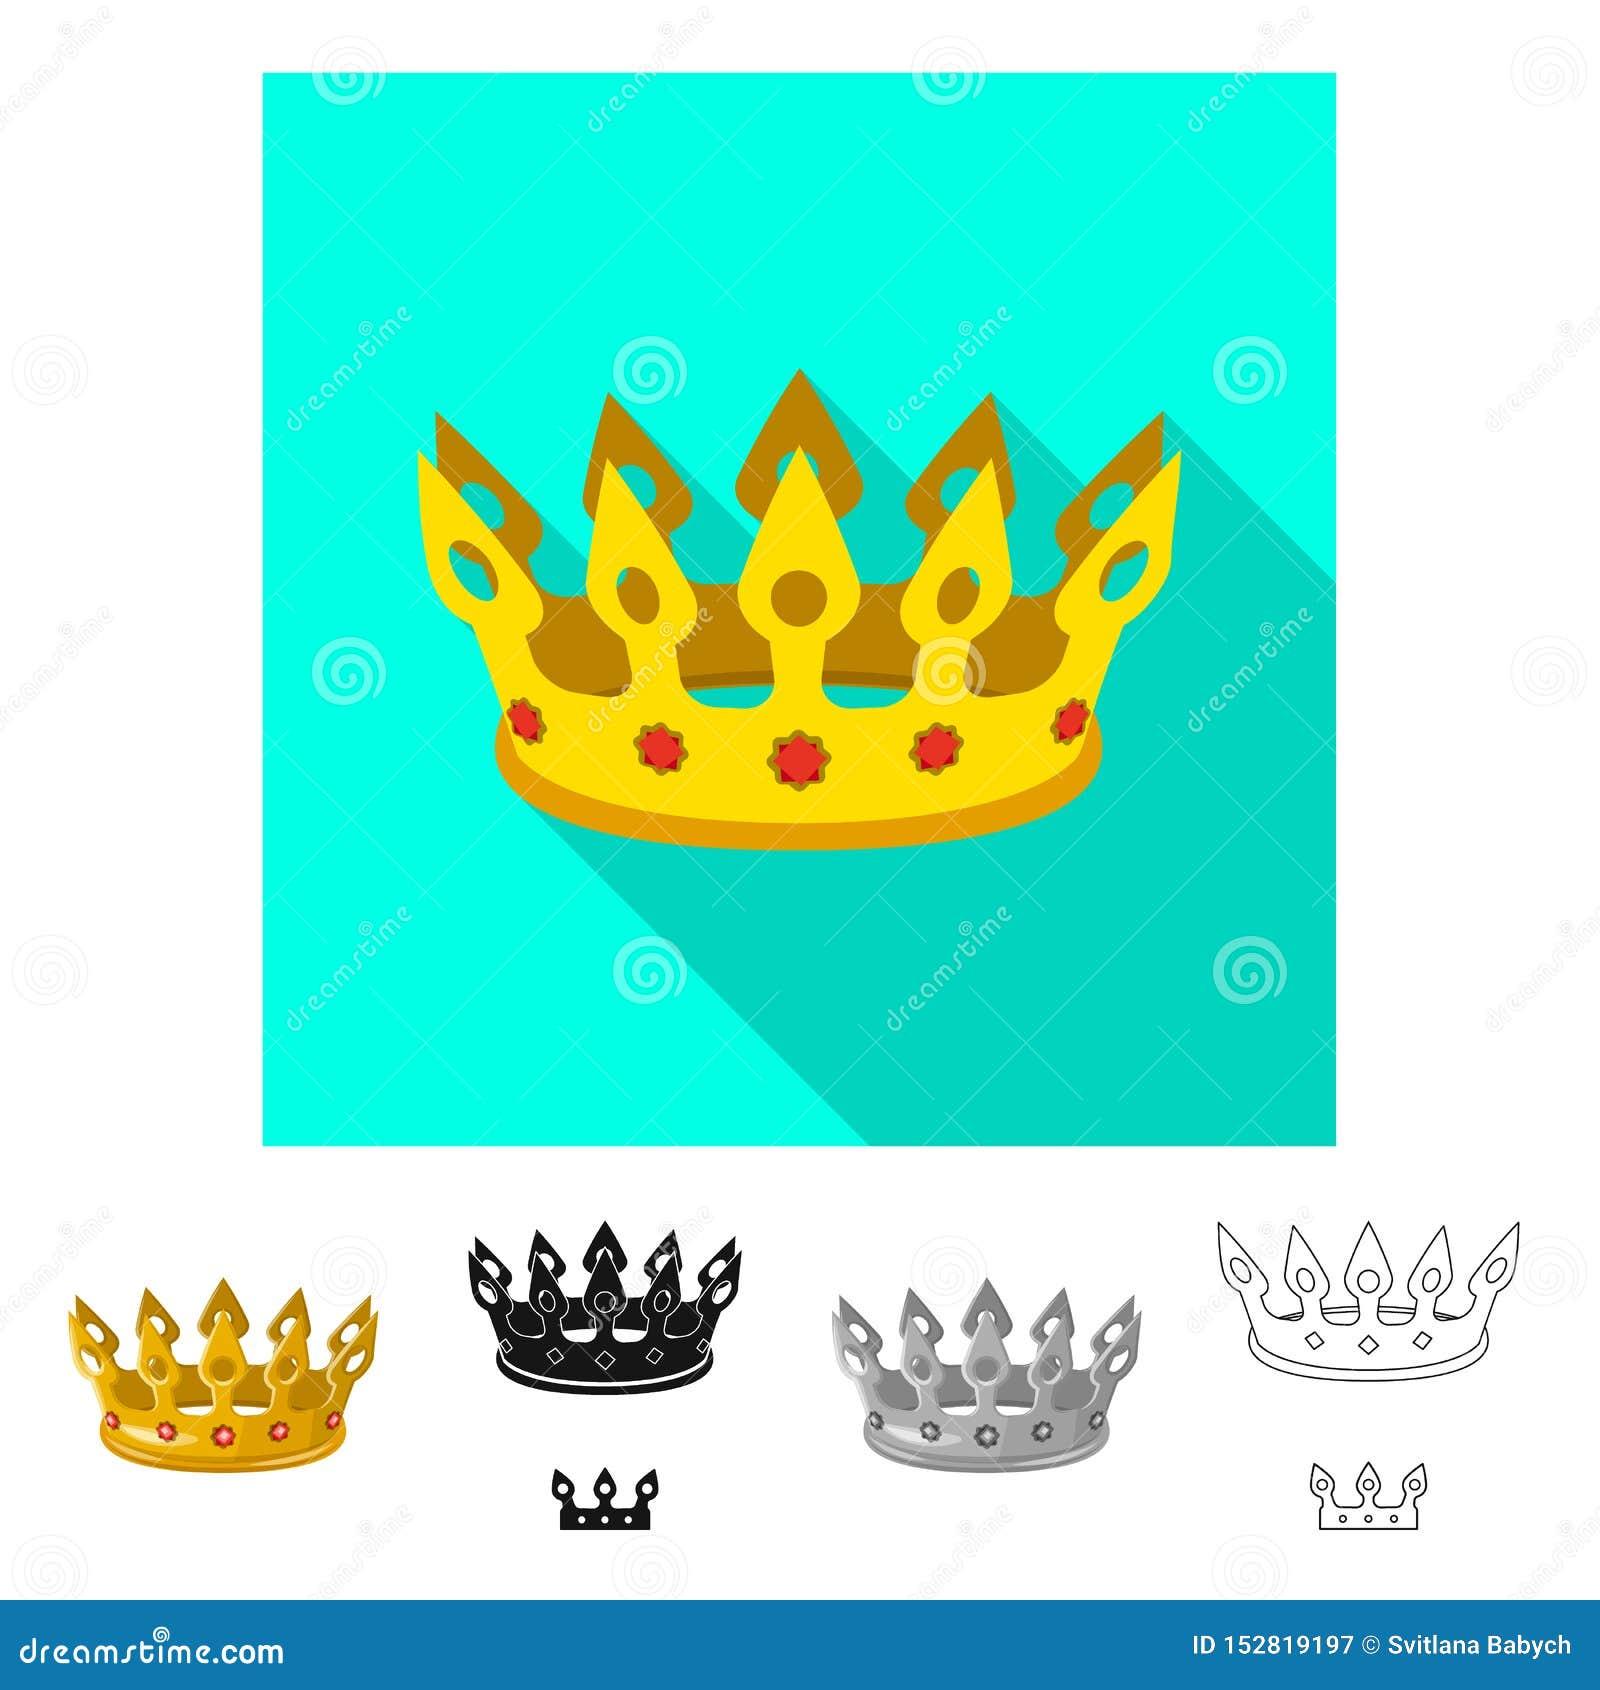 Dise?o del vector de muestra medieval y de la nobleza Fije del icono medieval y de la monarqu?a del vector para la acci?n